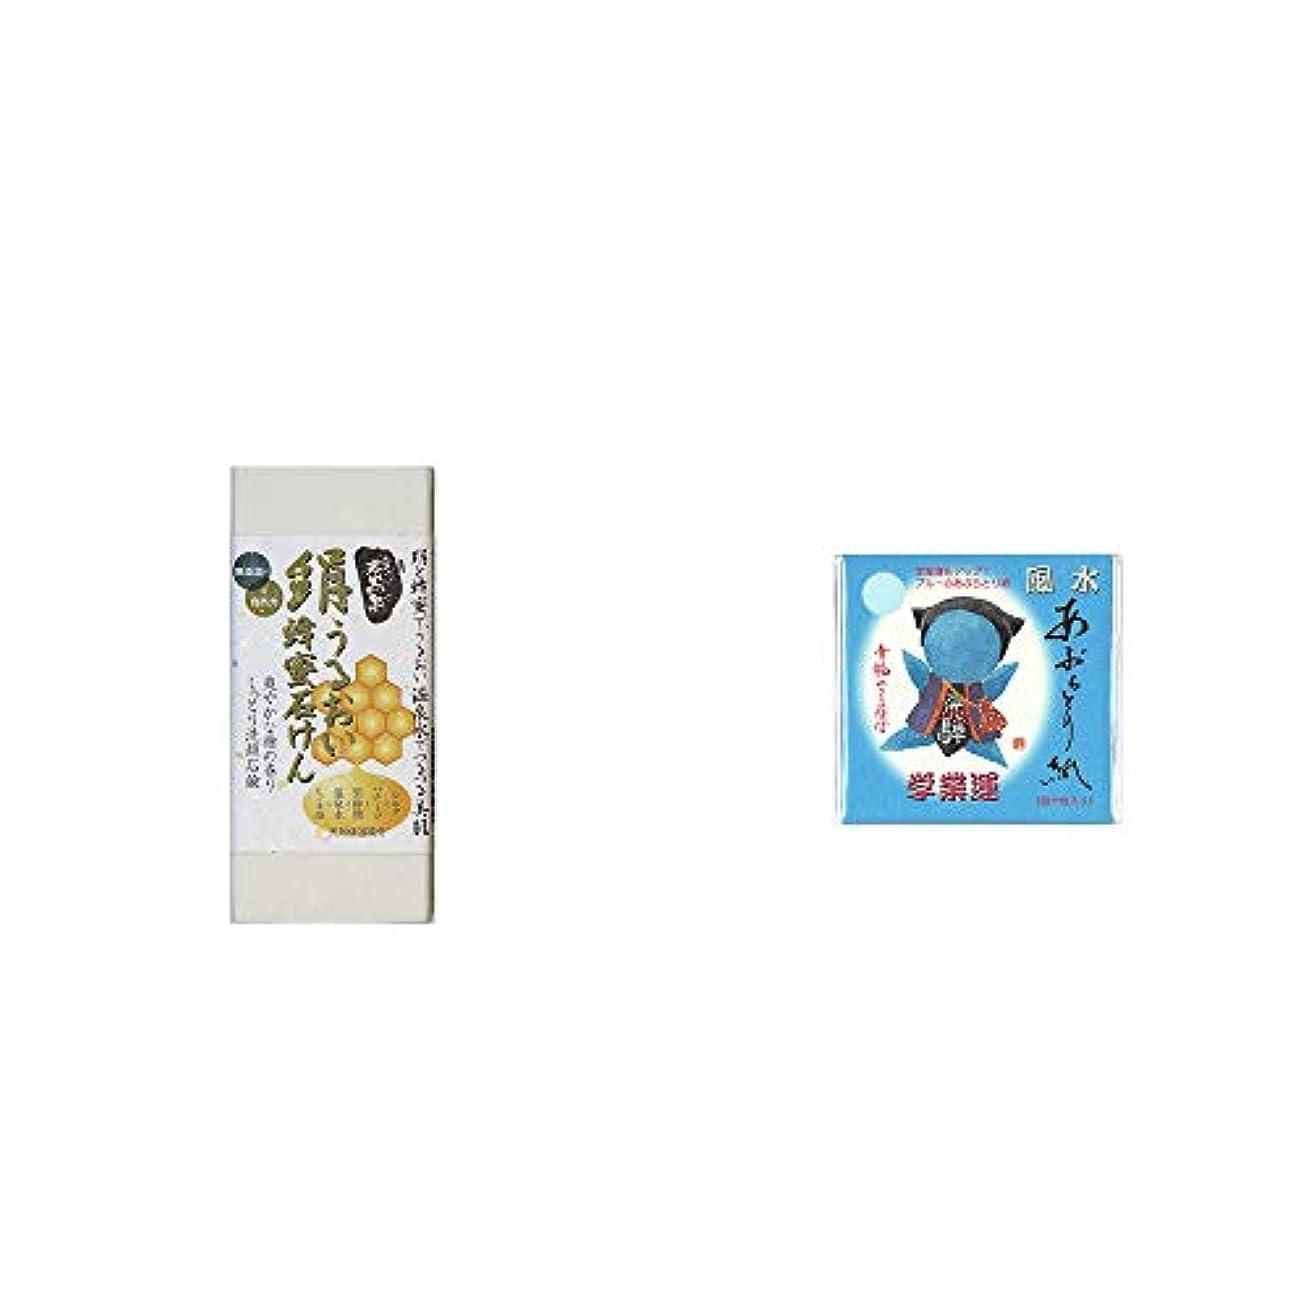 権威レモンクレーン[2点セット] ひのき炭黒泉 絹うるおい蜂蜜石けん(75g×2)?さるぼぼ 風水あぶらとり紙【ブルー】